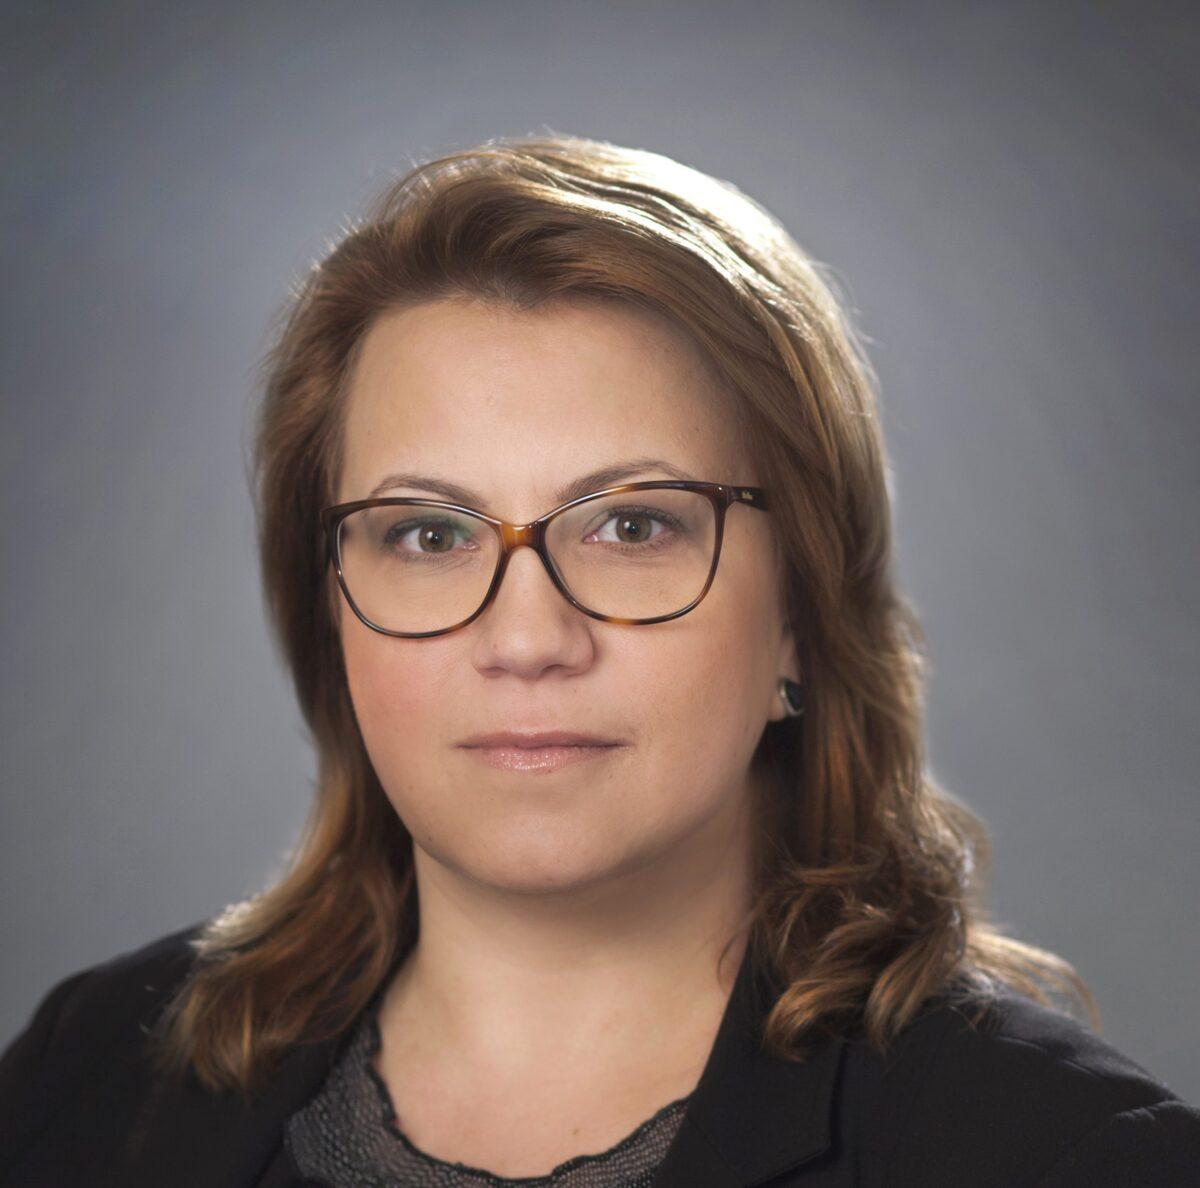 Деница Златева– служебен заместник министър-председател по подготовката на българското председателство на Съвета на ЕС-2018